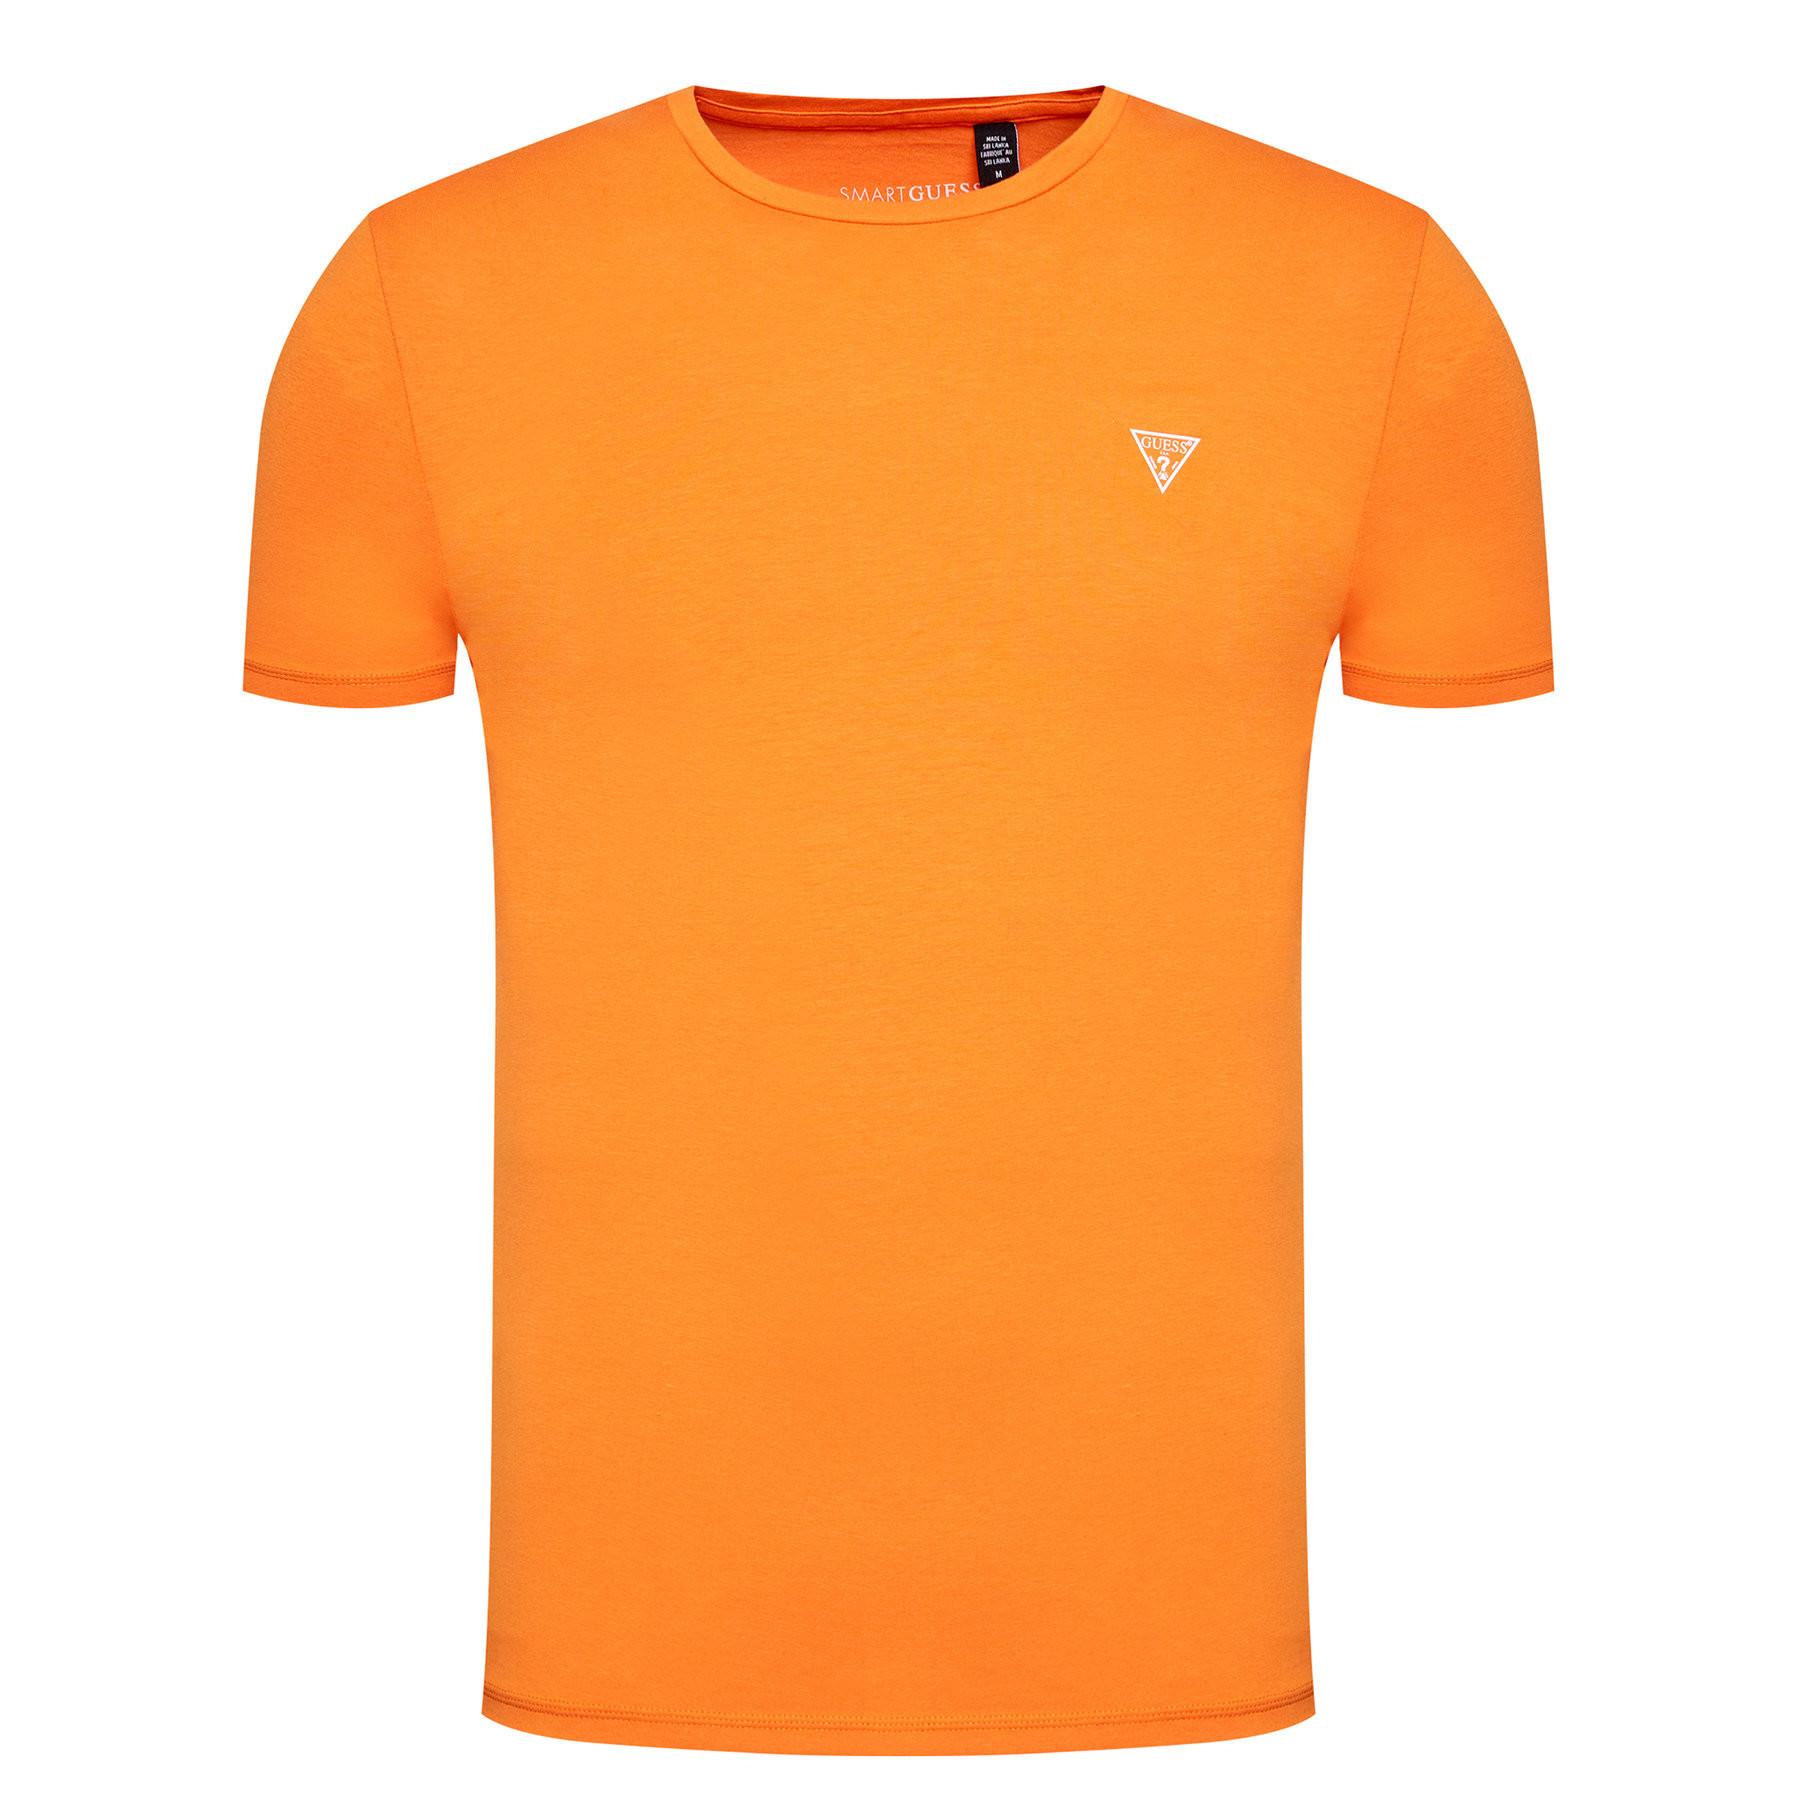 Pánske tričko U94M09K6YW1 - G3G4 oranžová - Guess oranžová L